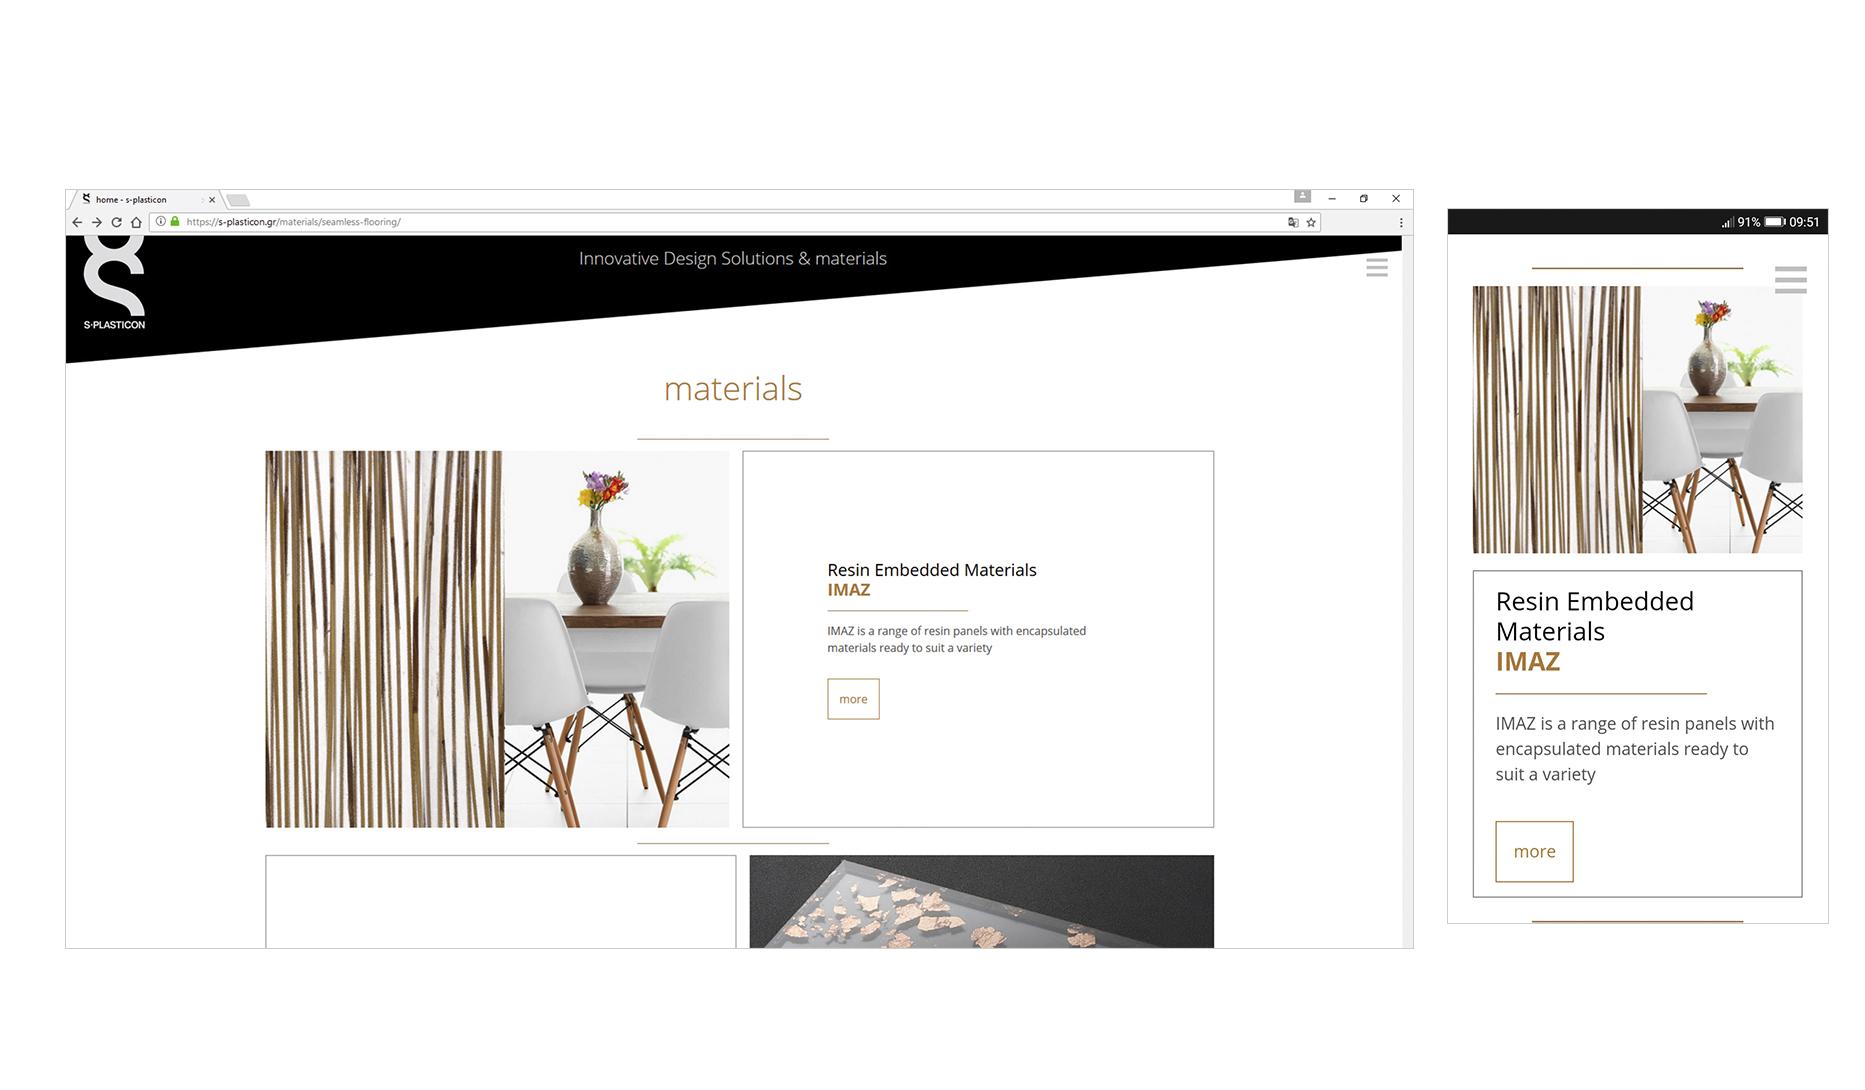 Σχεδιασμός & ανάπτυξη ιστοσελίδας s-plasticon • adeadpixel